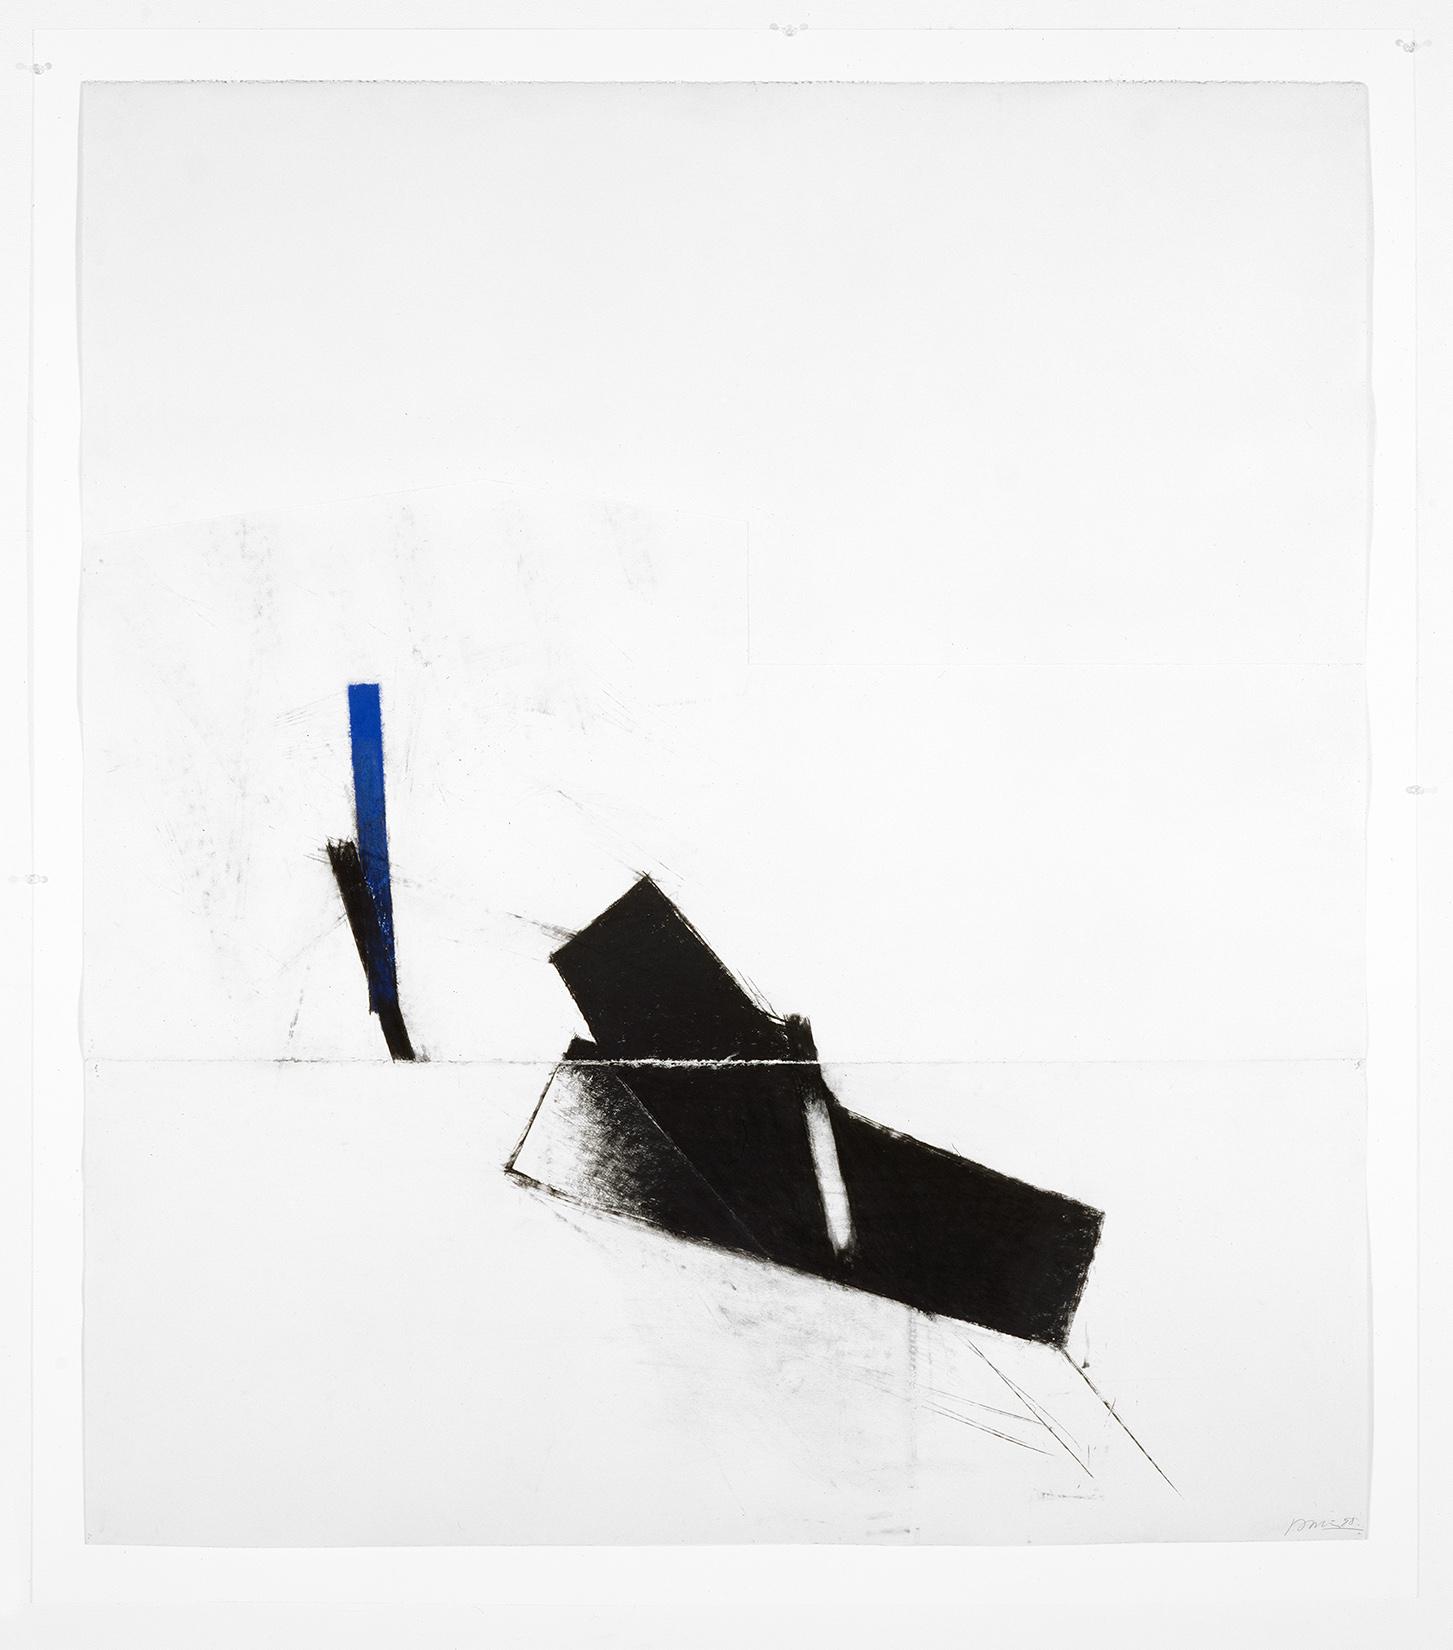 Sans titre  (1988 - 1992)   Techniques mixes et papier collé sur papier Stonehenge, 143.5 x 127 cm, collection privée. photo : Richard-Max Tremblay